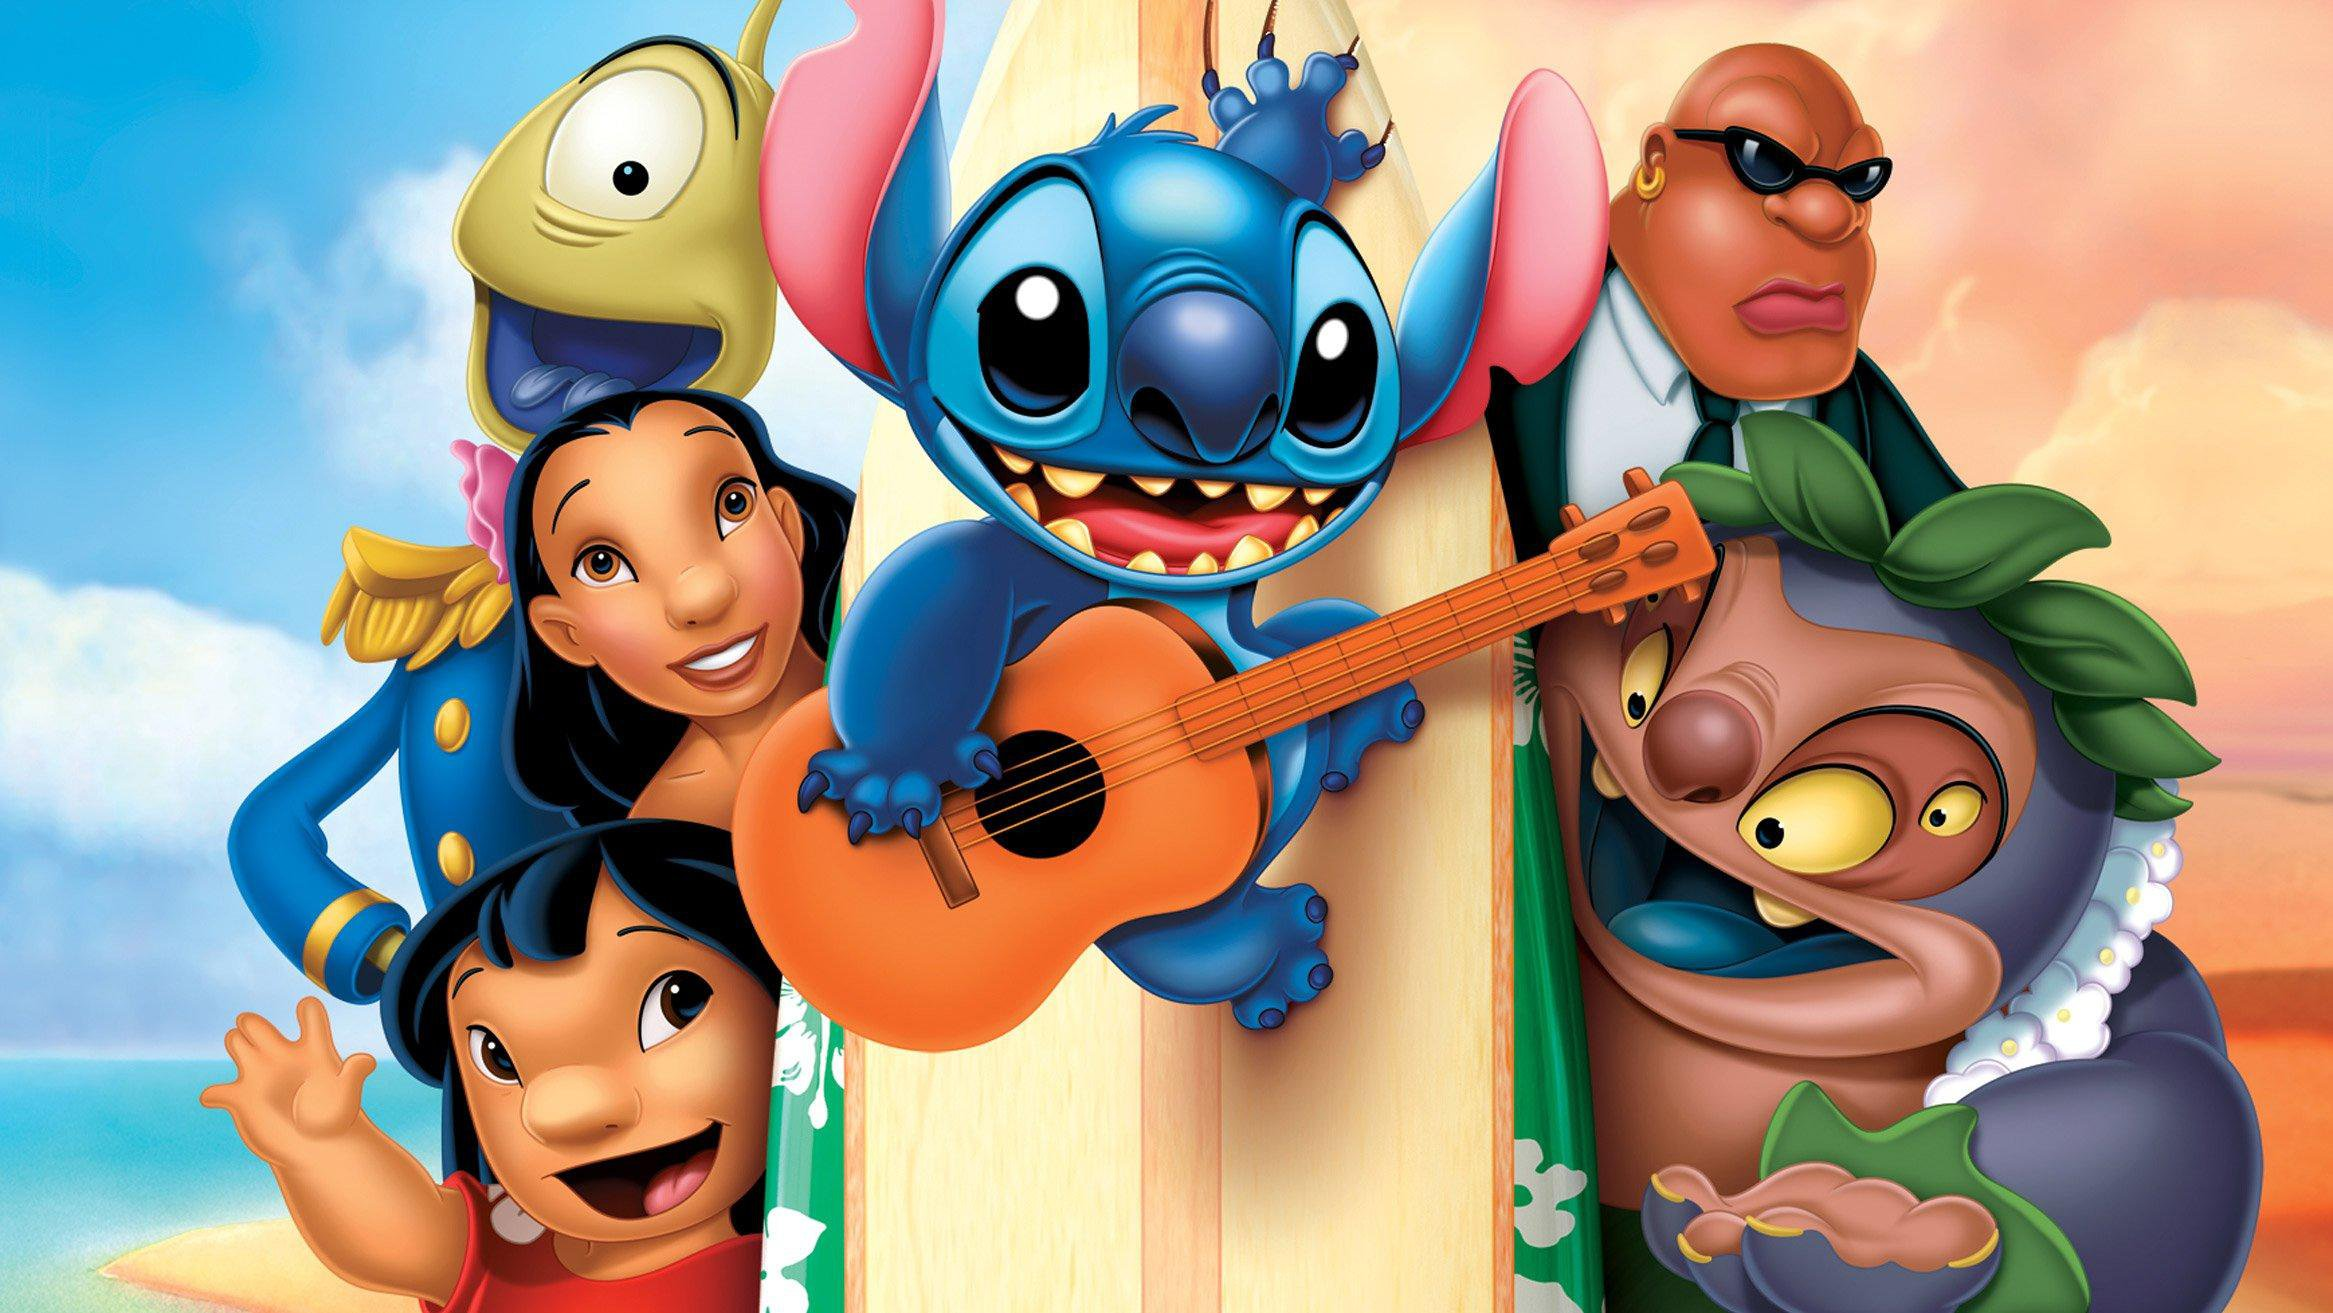 """Lilo & Stitch"""" tendrá una adaptación live-action   CUATRO BASTARDOS"""